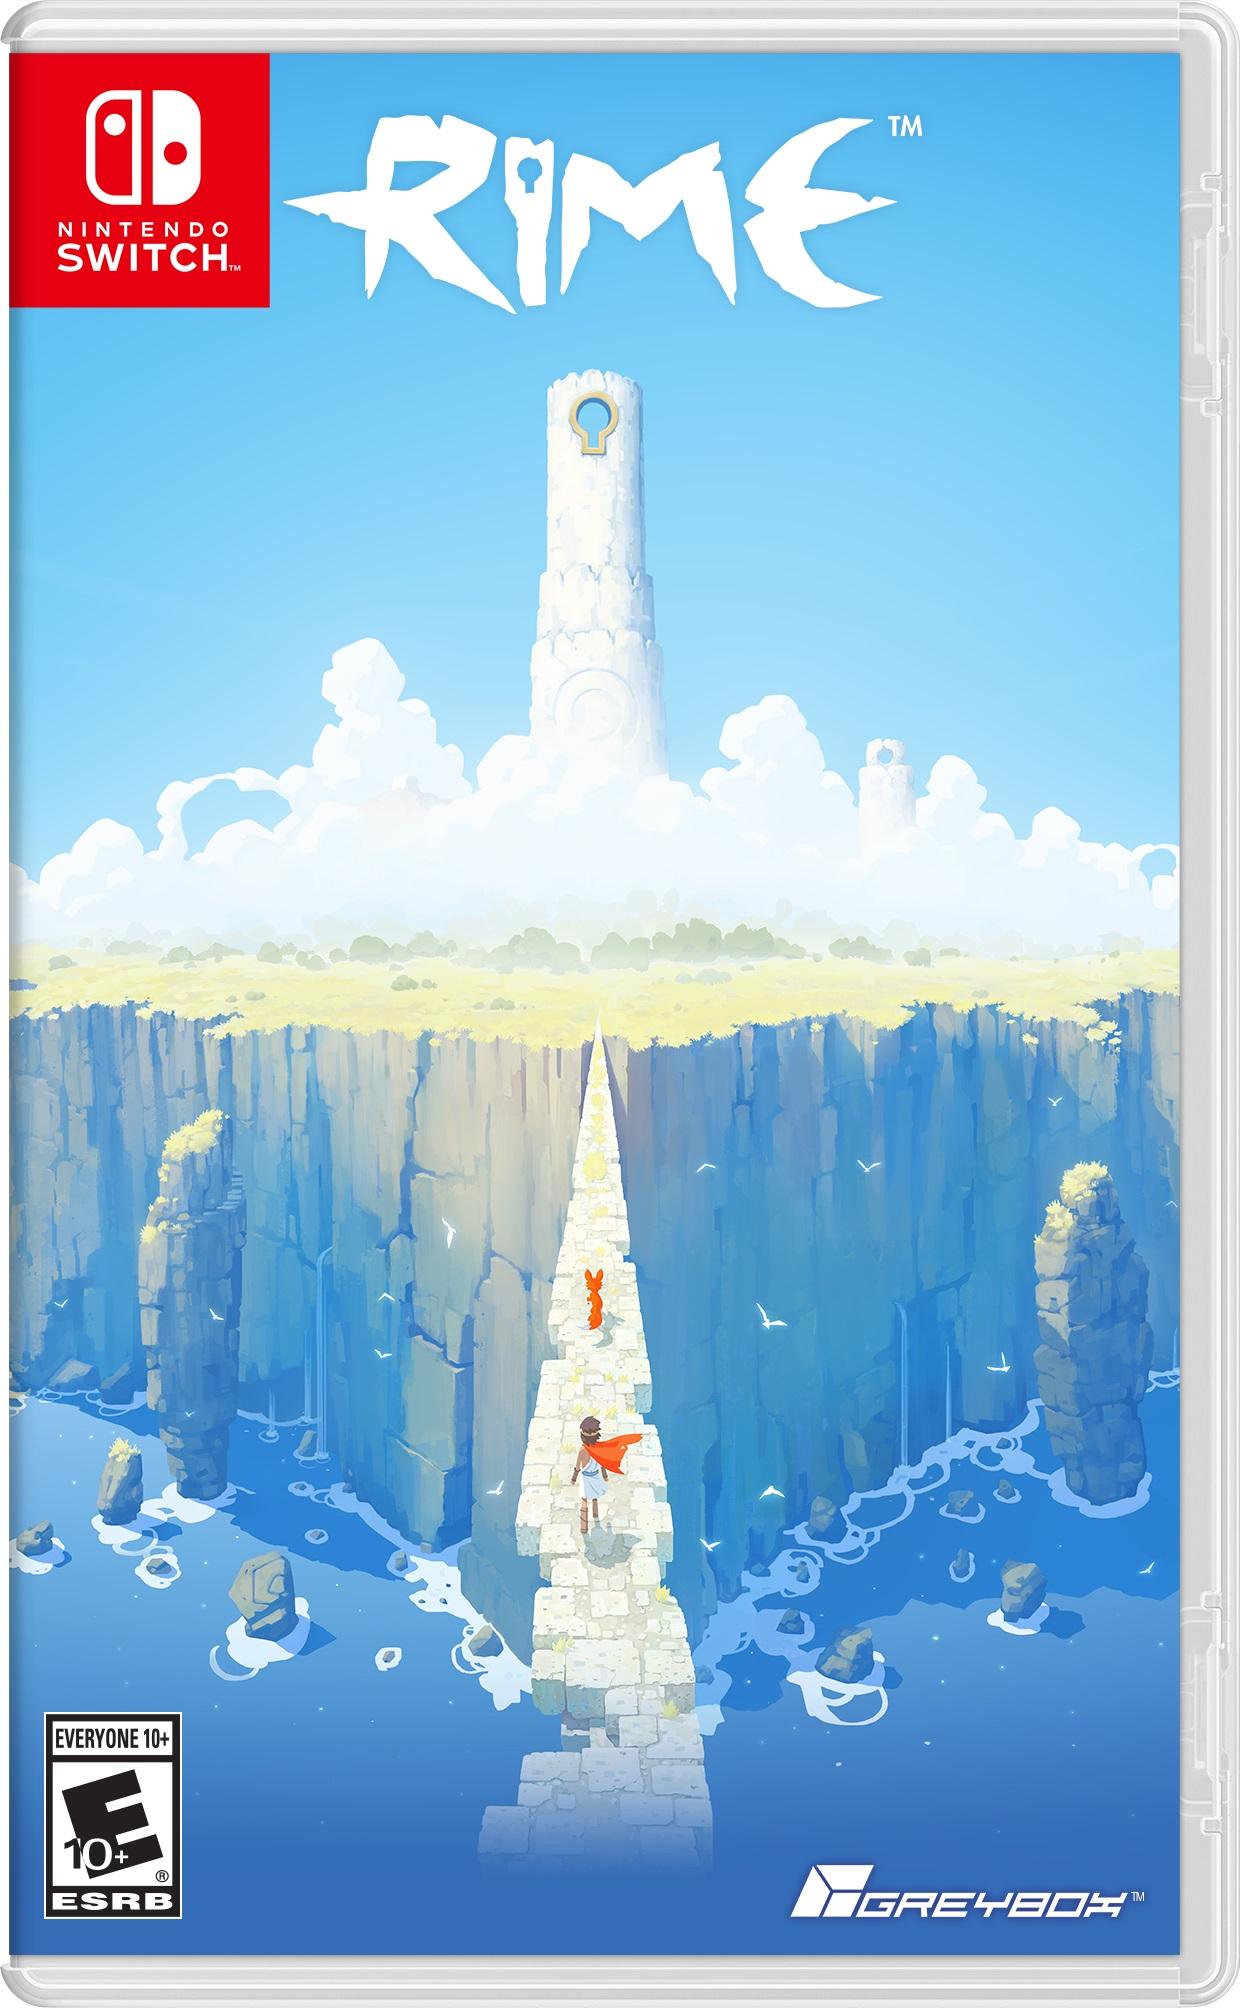 ニンテンドースイッチでも発売する『Rime』の発売日が2017年5月26日に決定! パッケージも公開